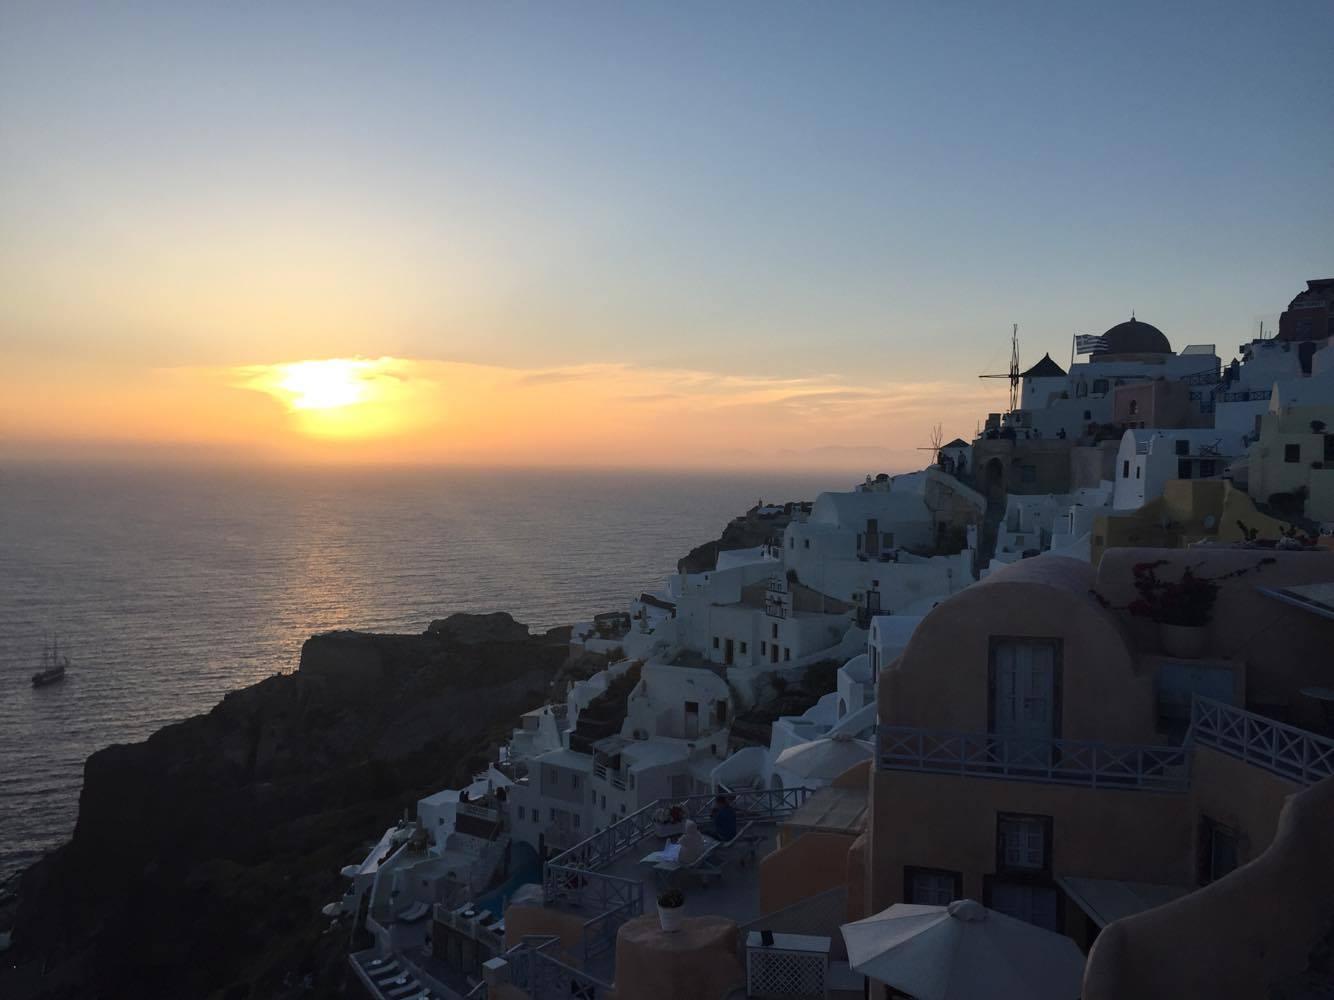 Séjour à Santorin: 4 choses à faire sur l'île aux merveilles - 1